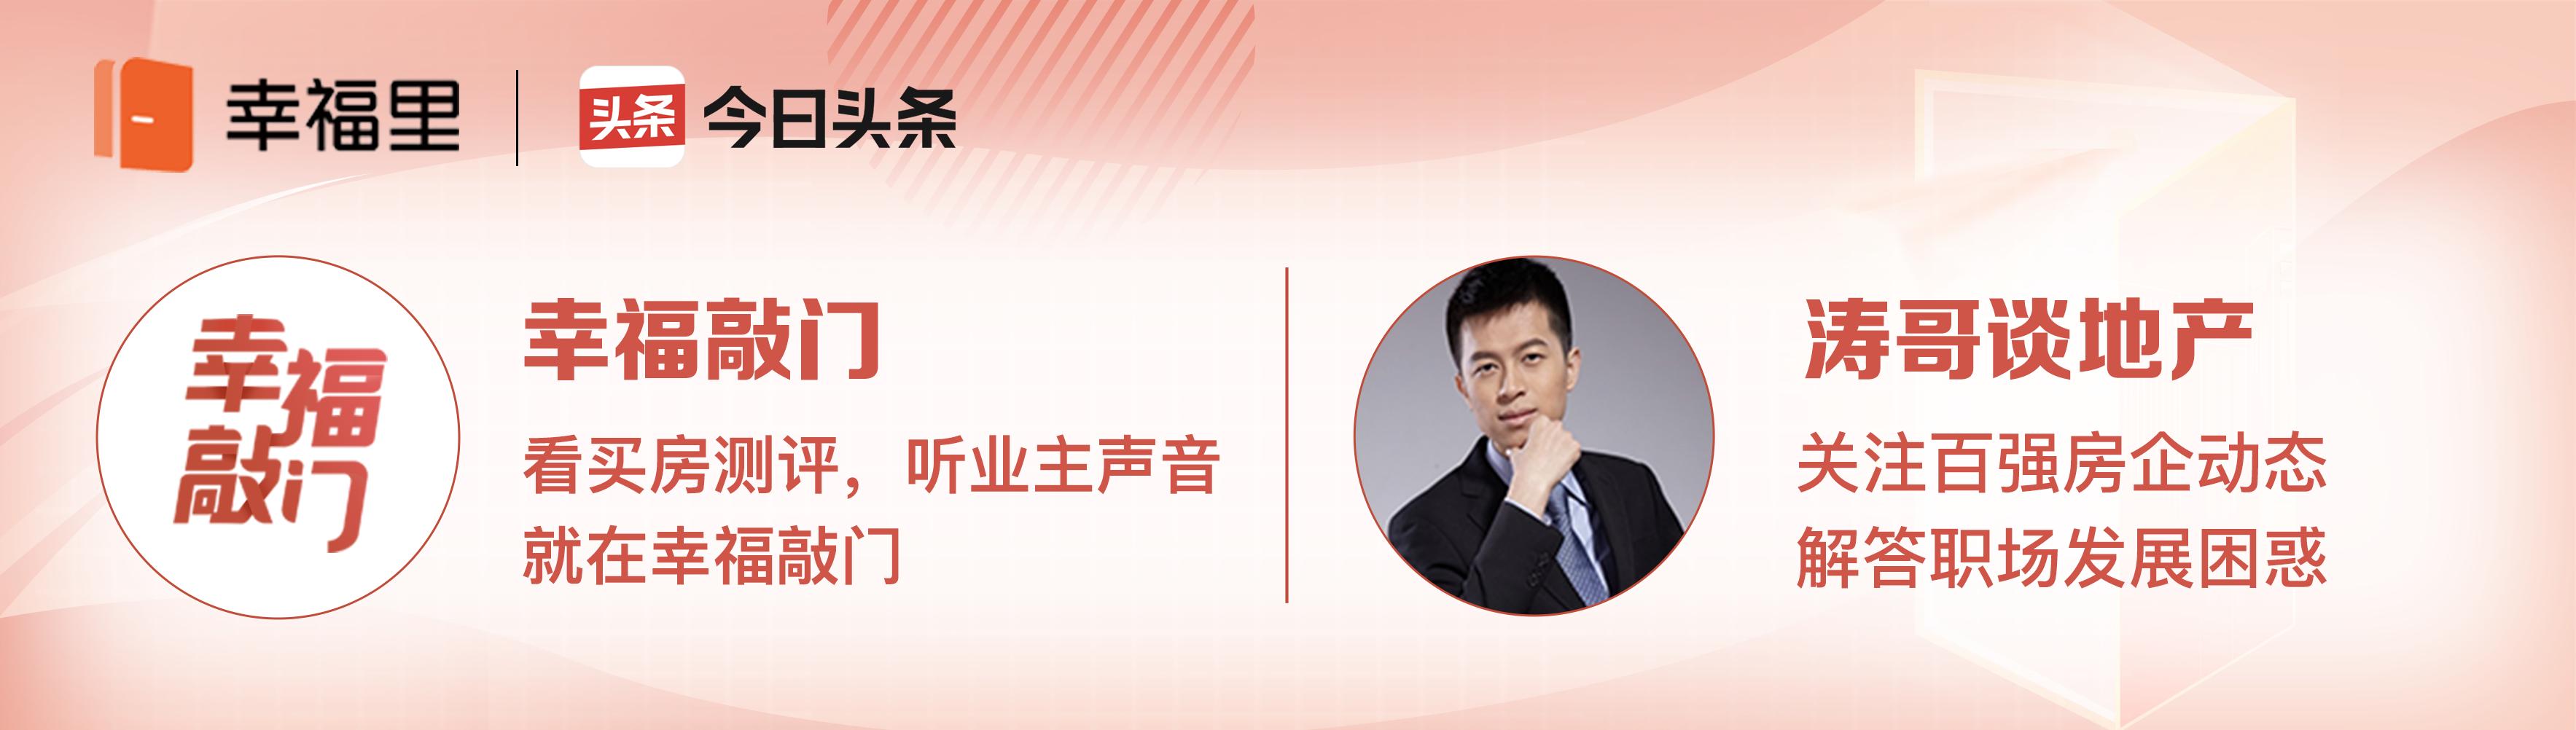 尚坤集团首席执行官冯慧明辞职,下一步将迎接新的挑战